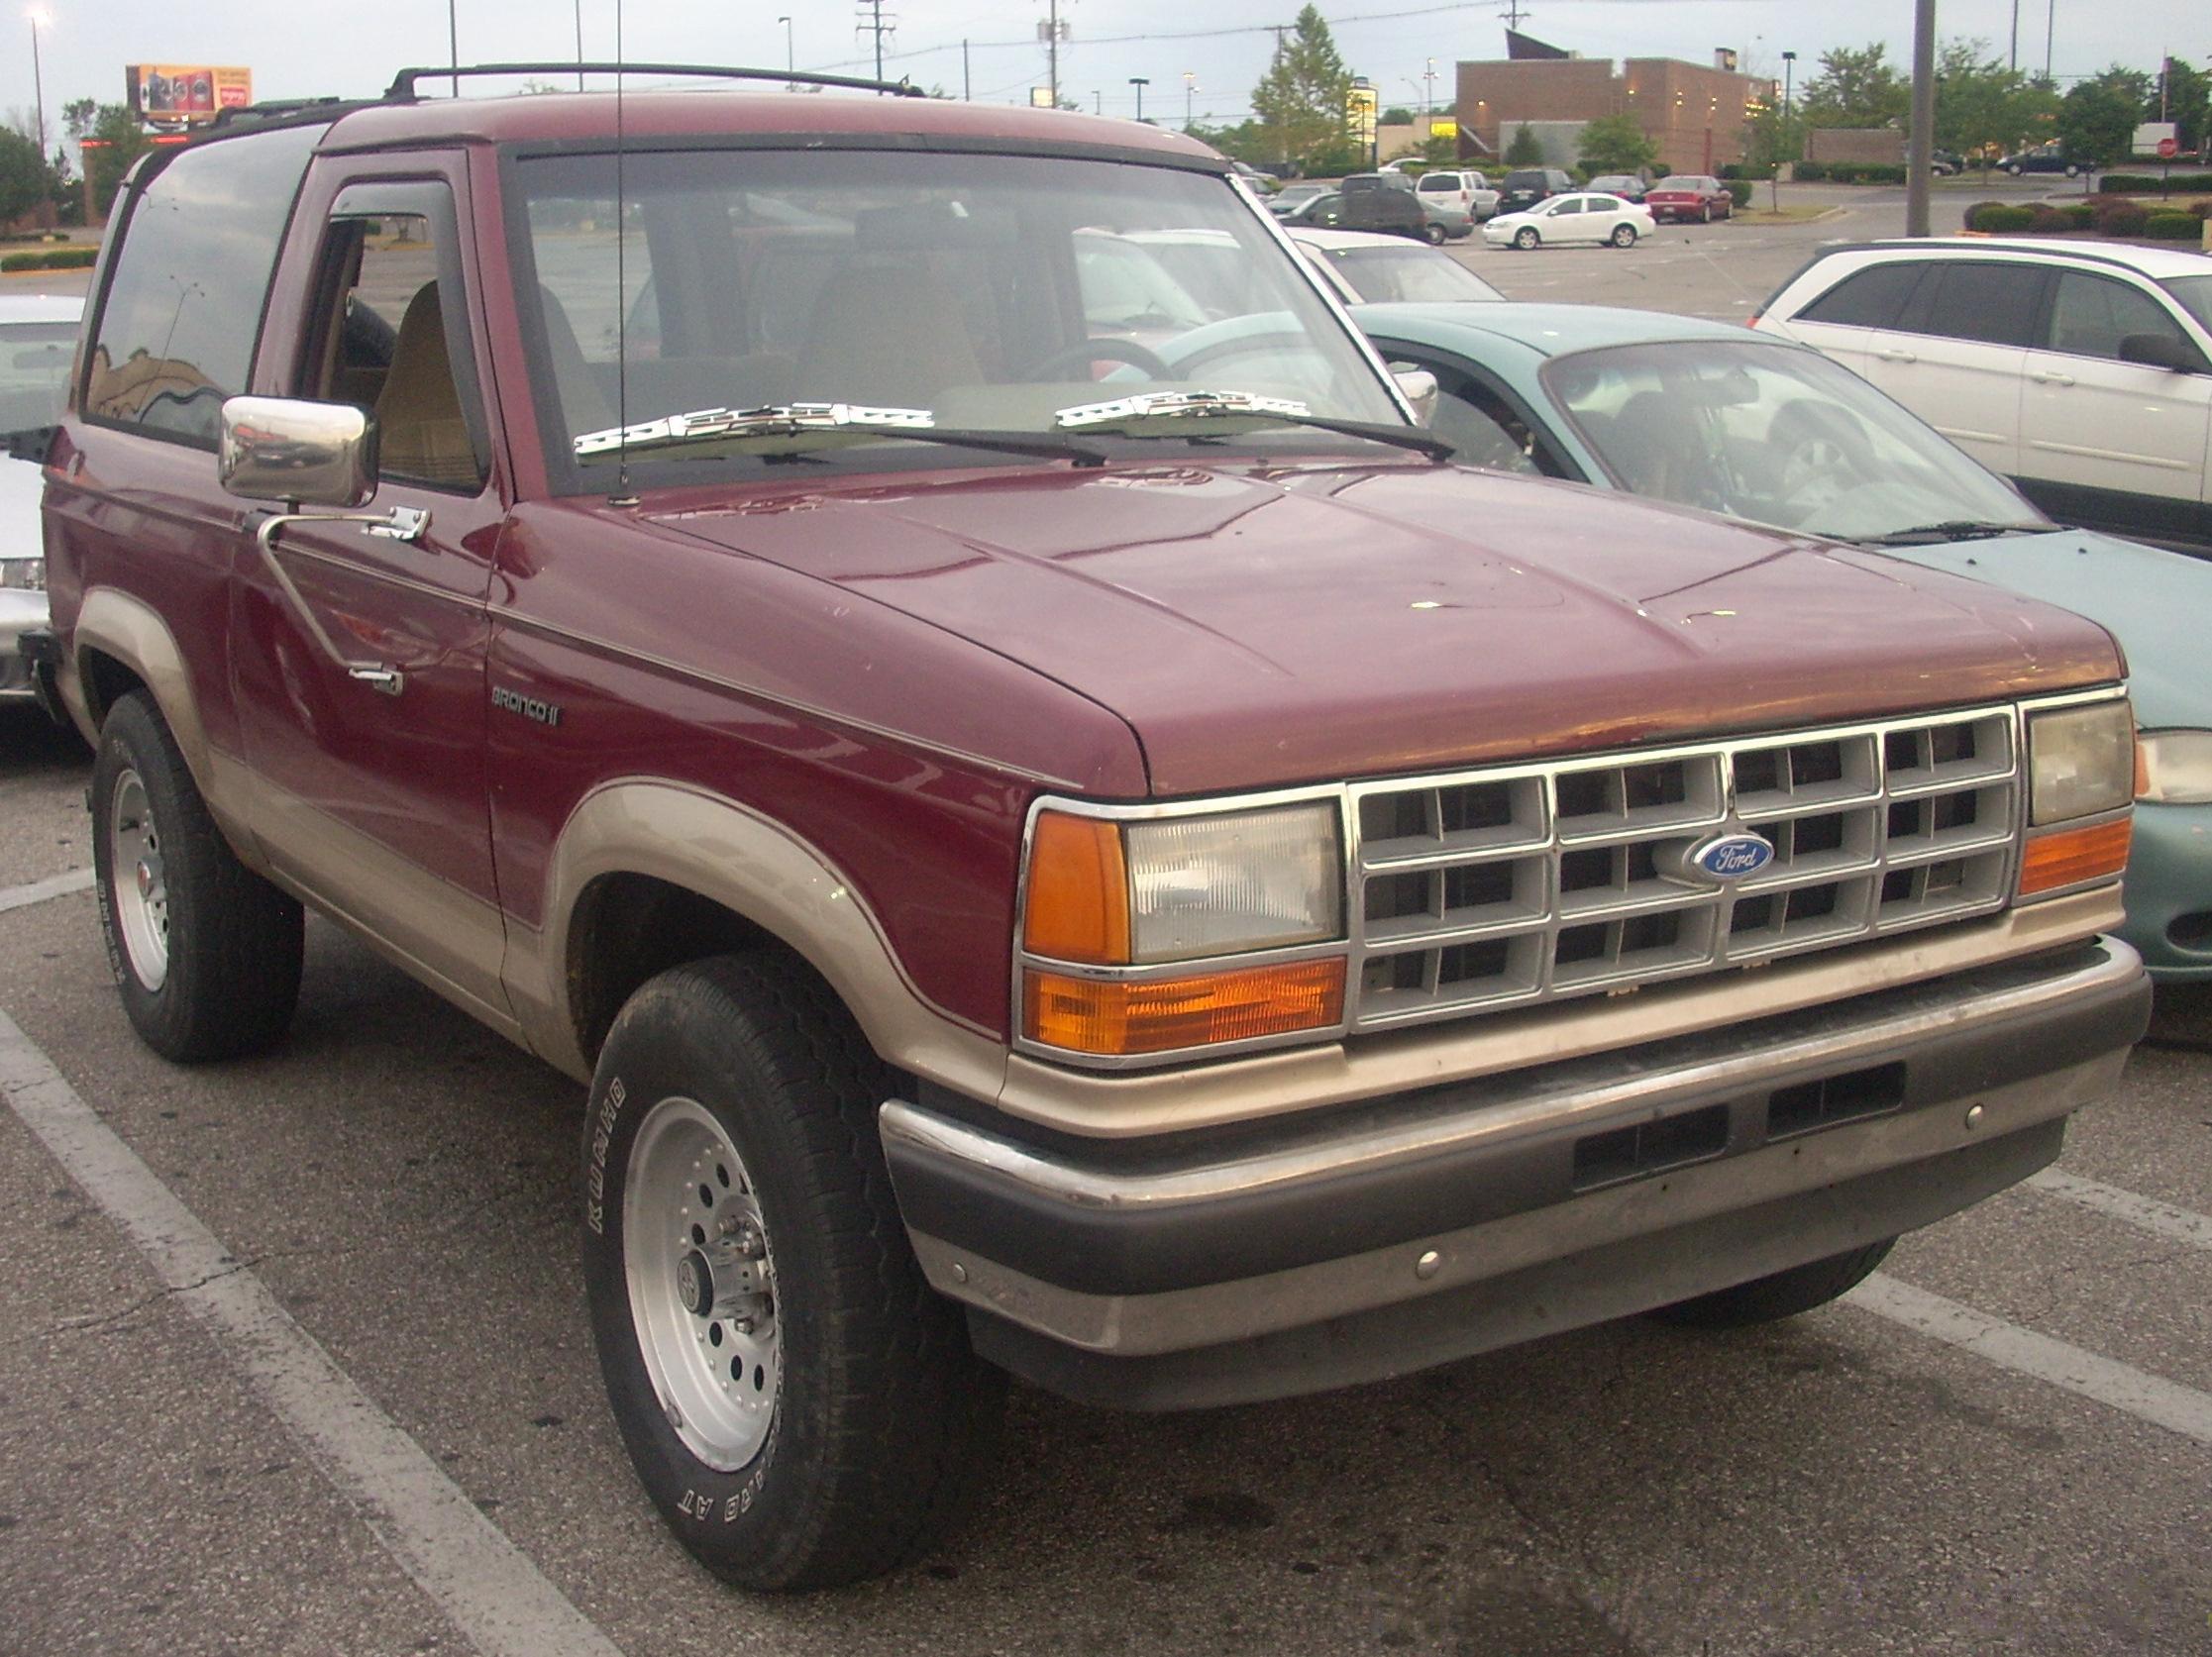 File:'89-'90 Ford Bronco II.JPG - Wikimedia Commons